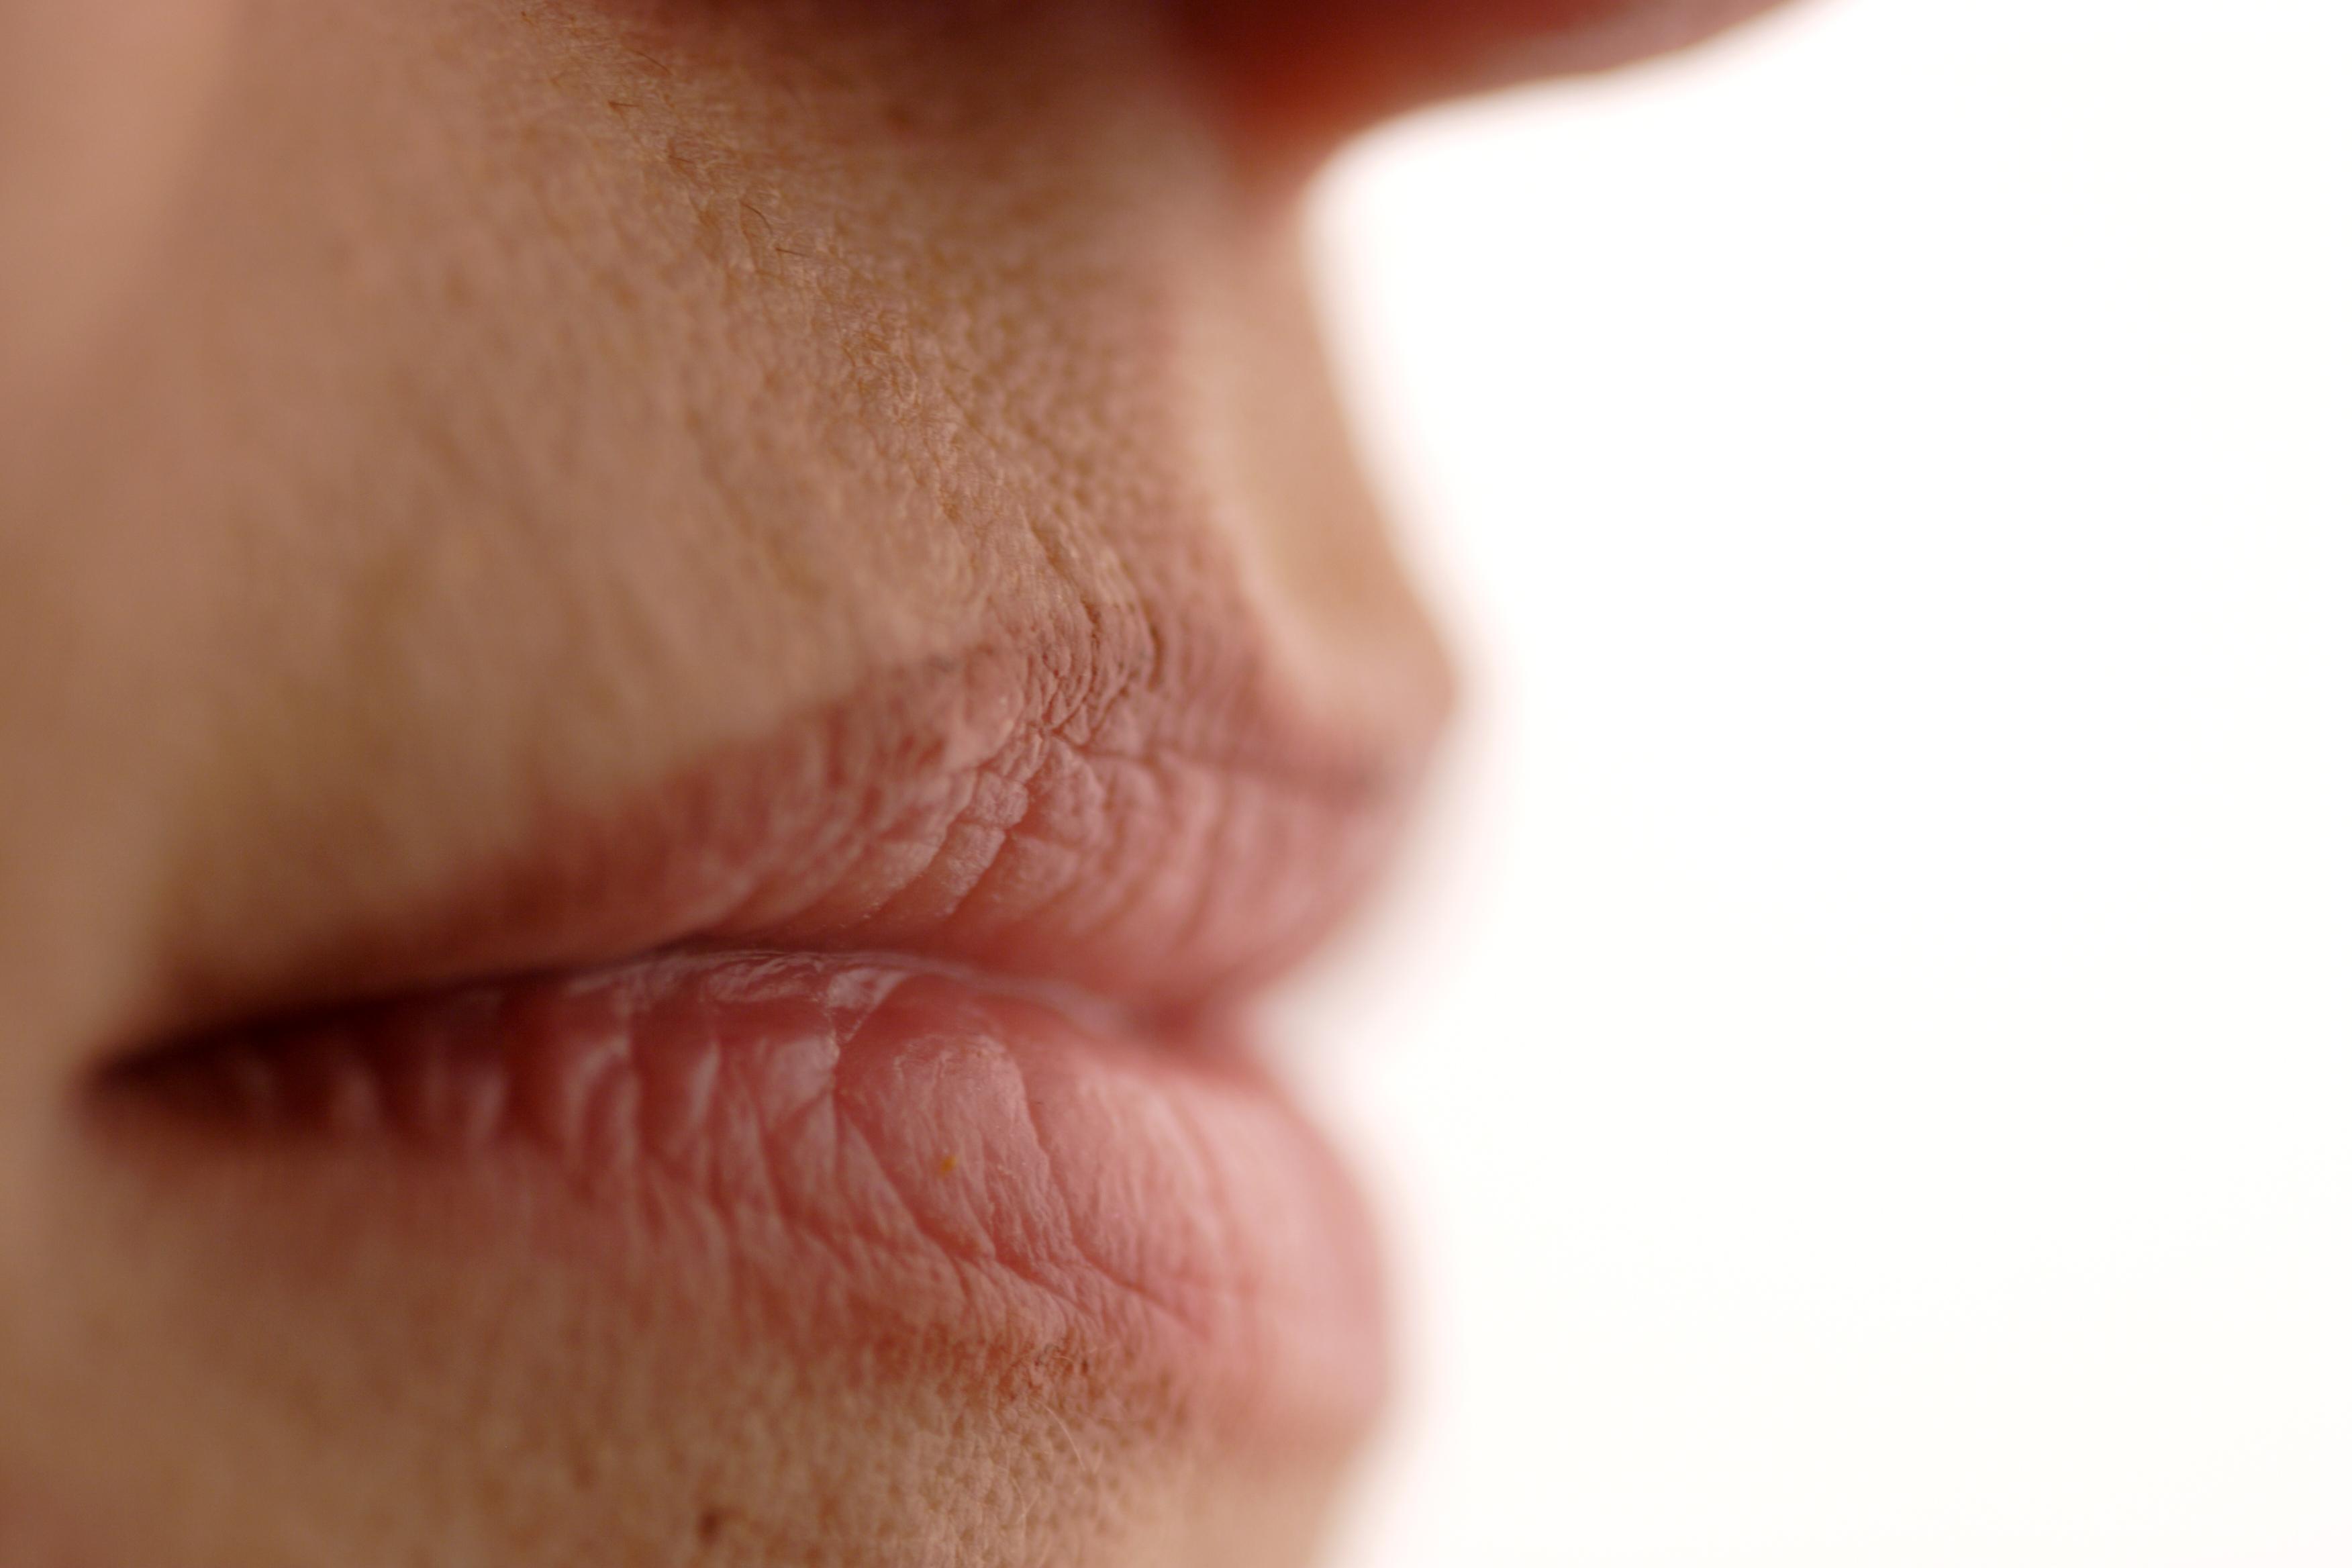 vörös foltok és hámlás az ajkak sarkában